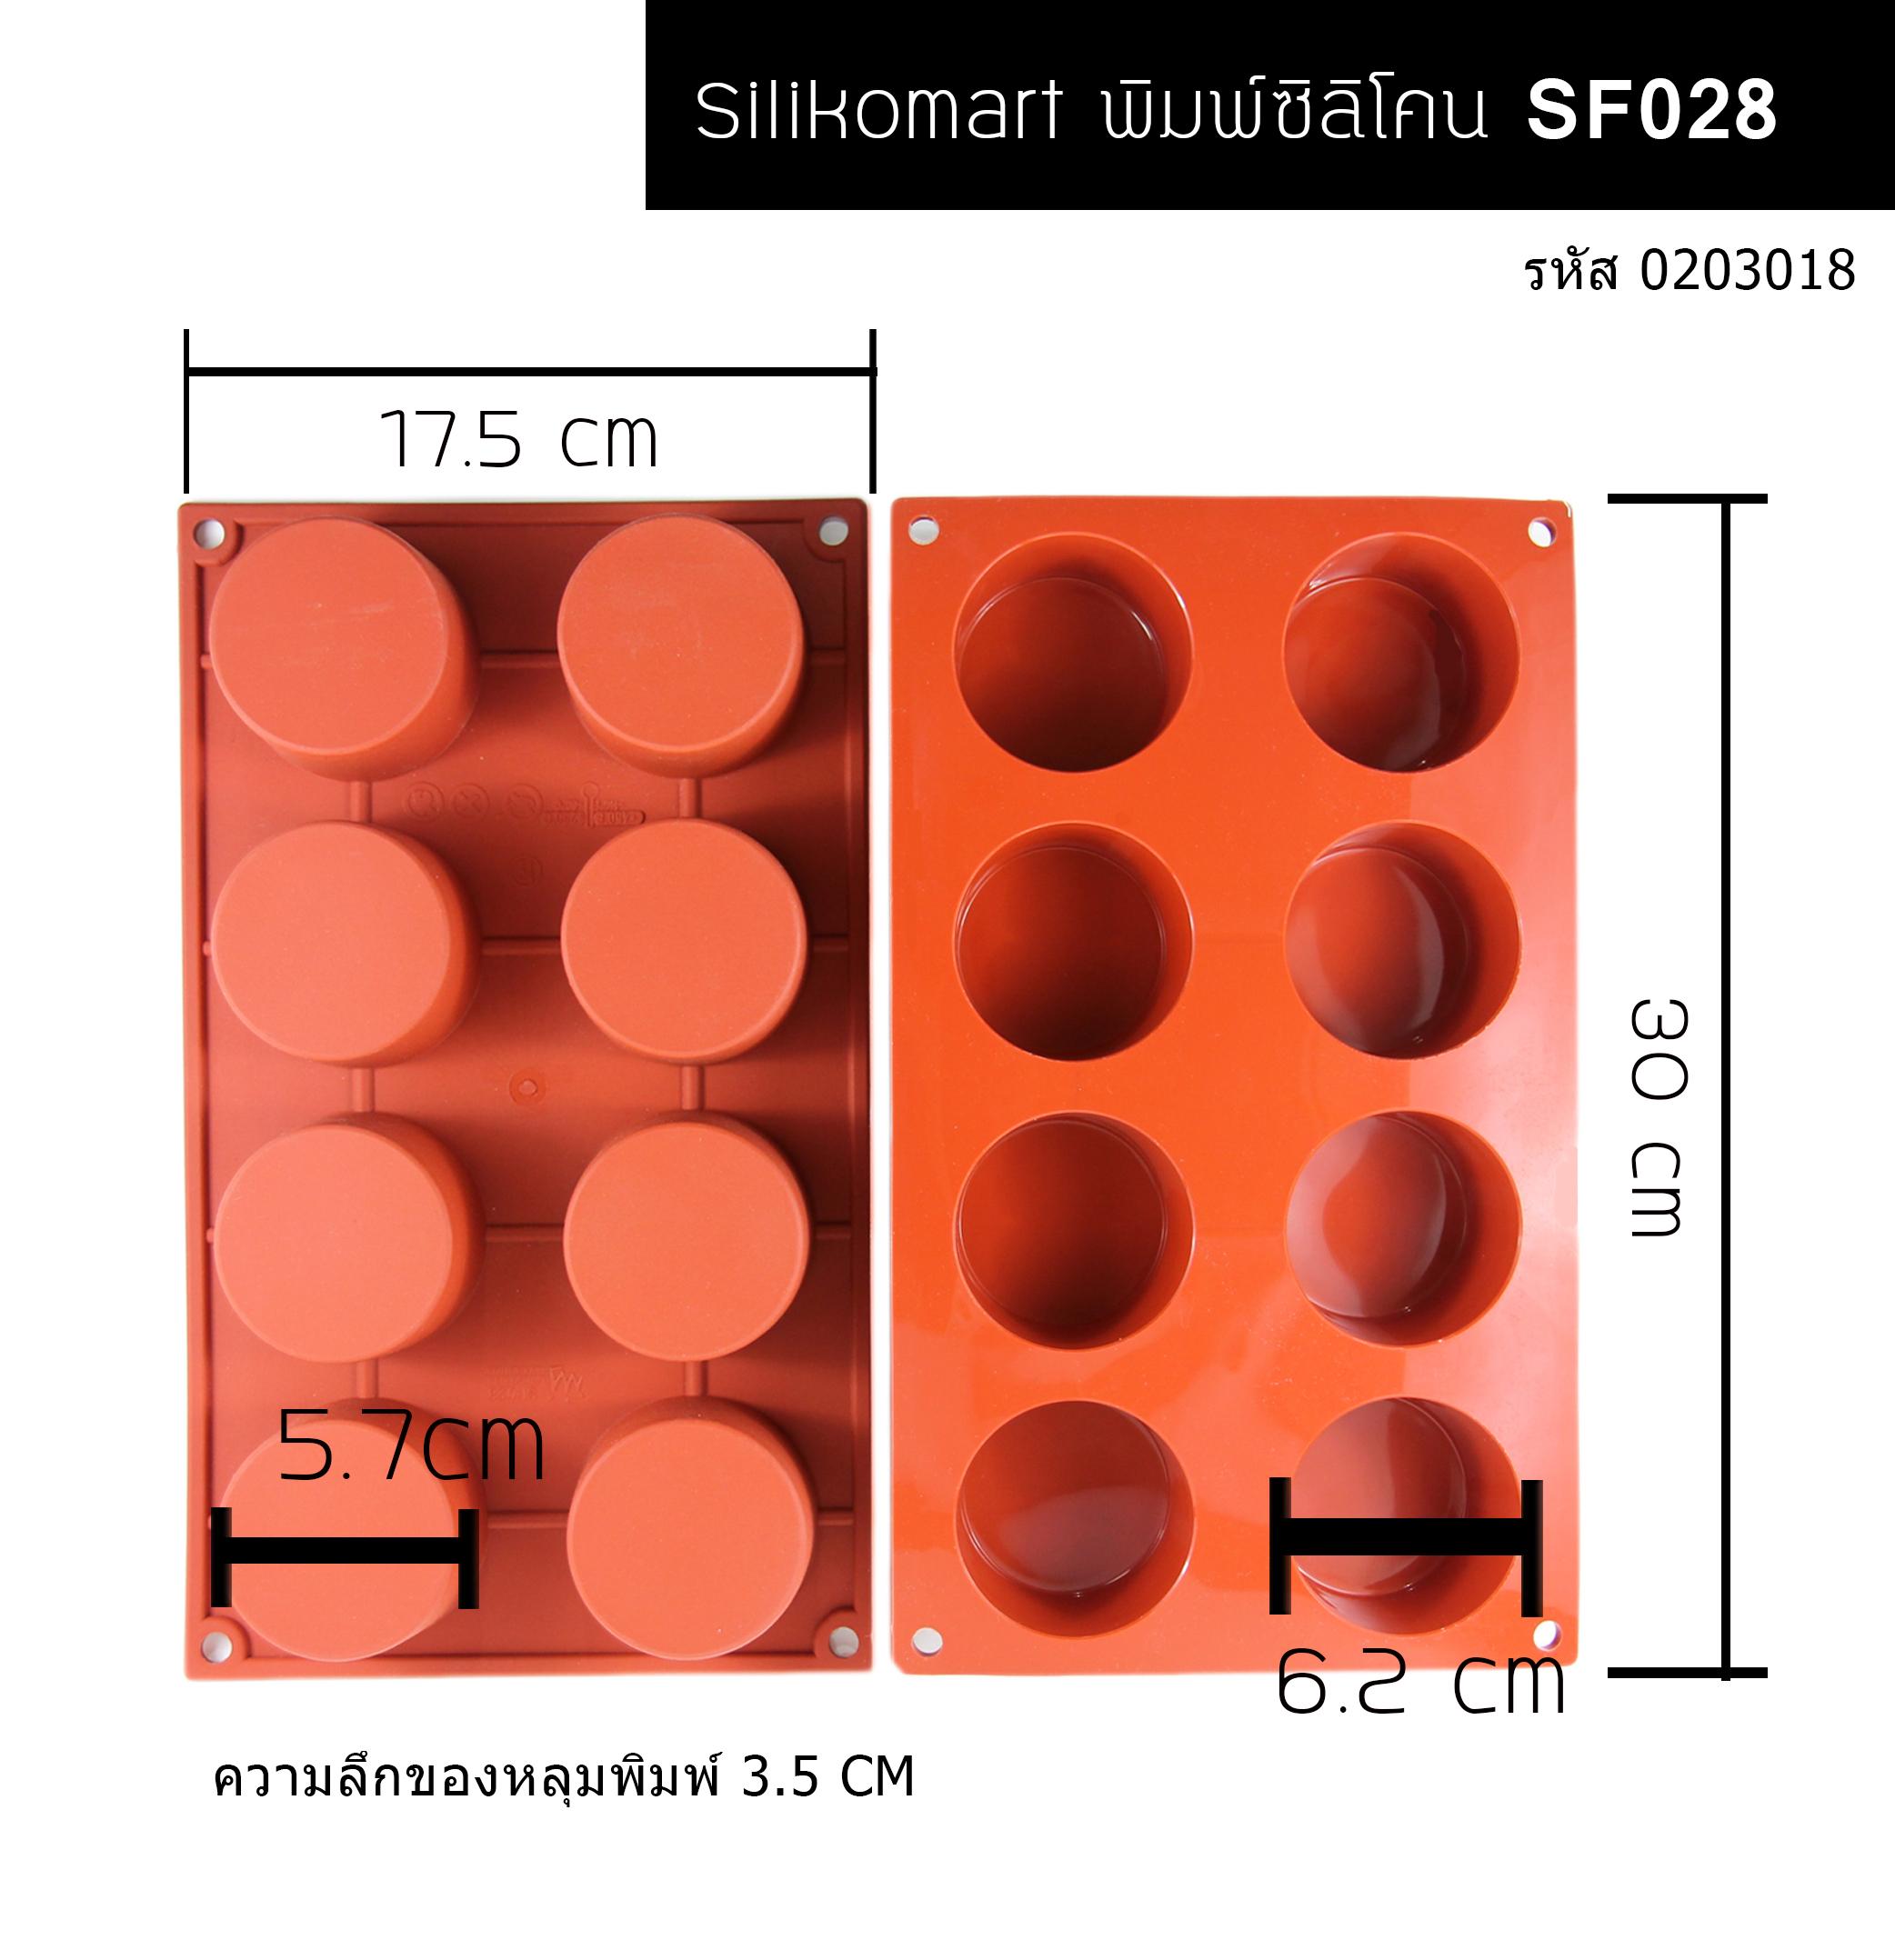 Silikomart พิมพ์ซิลิโคน SF028